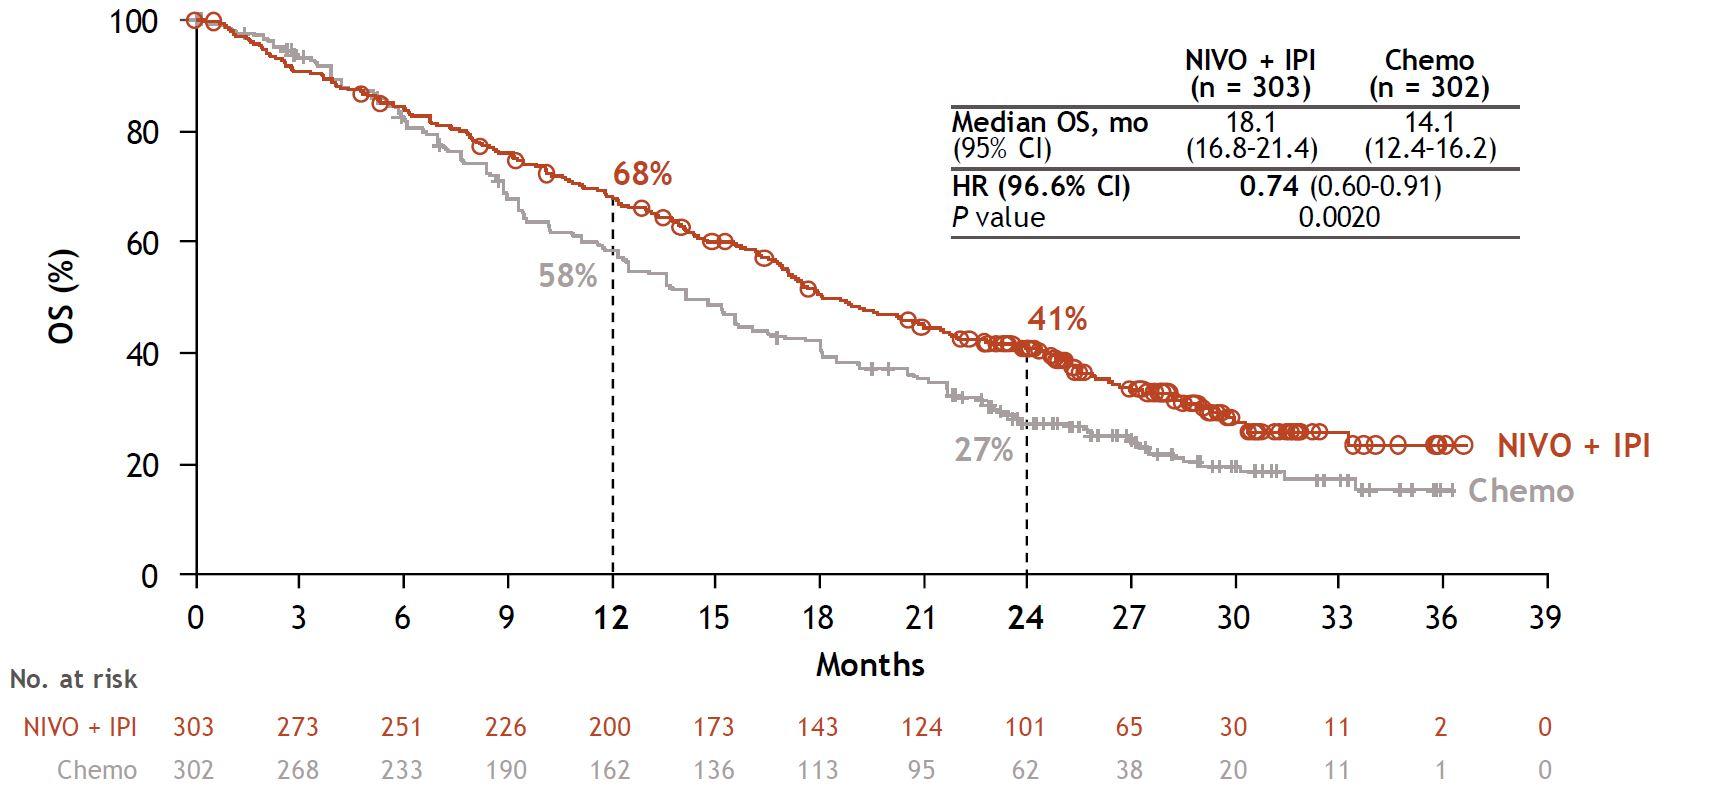 nct02899299 results 02 - «Опдиво» и «Ервой»: новый стандарт первоочередного лечения злокачественной мезотелиомы плевры